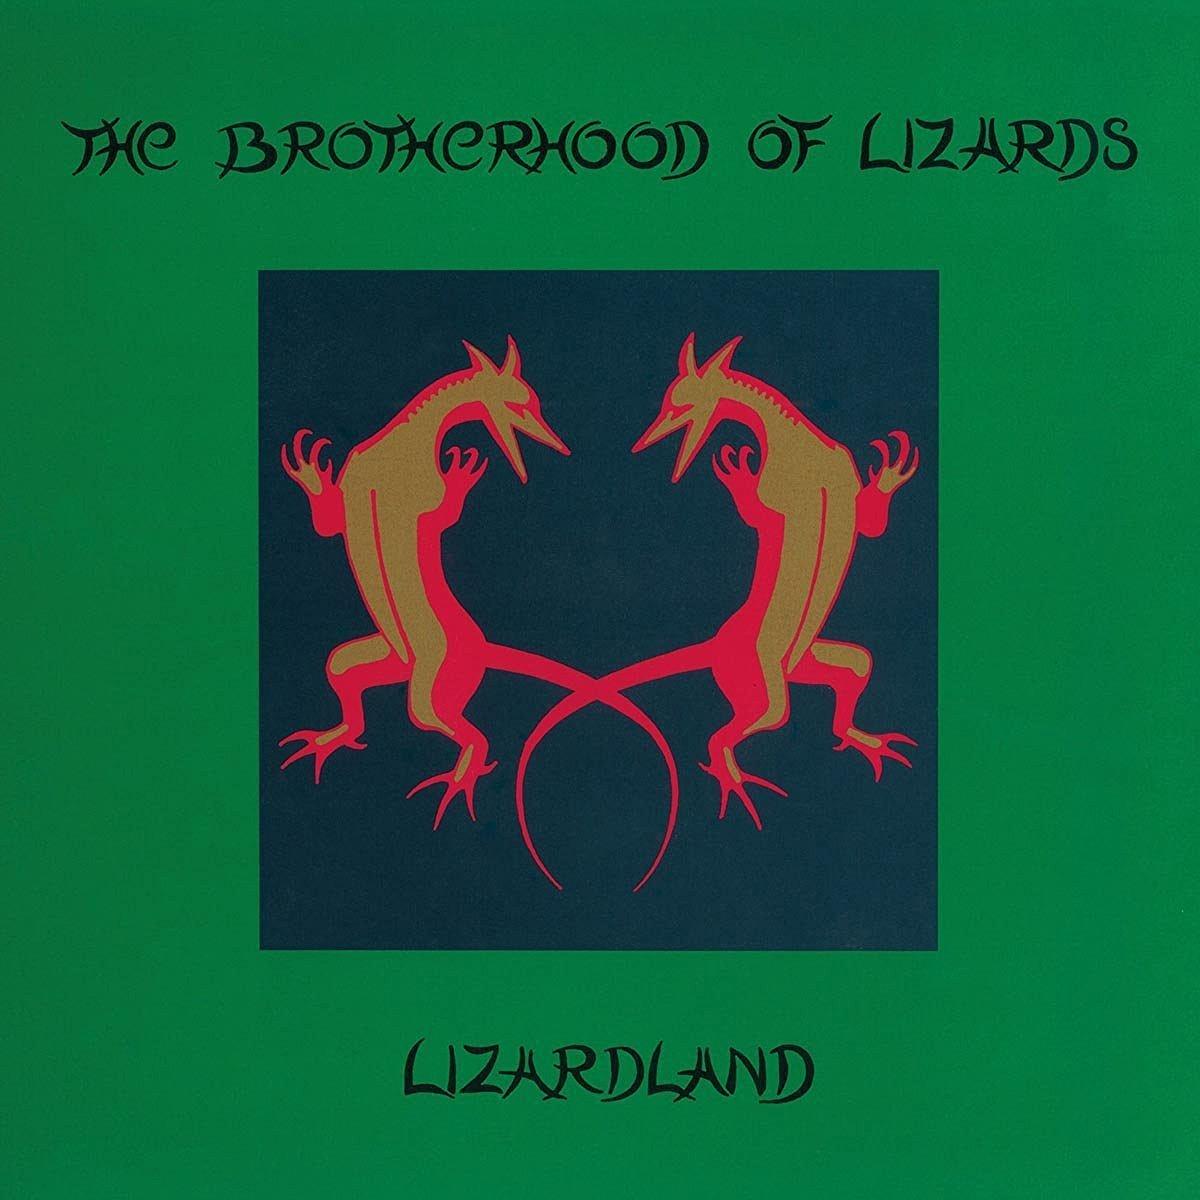 botherhood-of-lizards